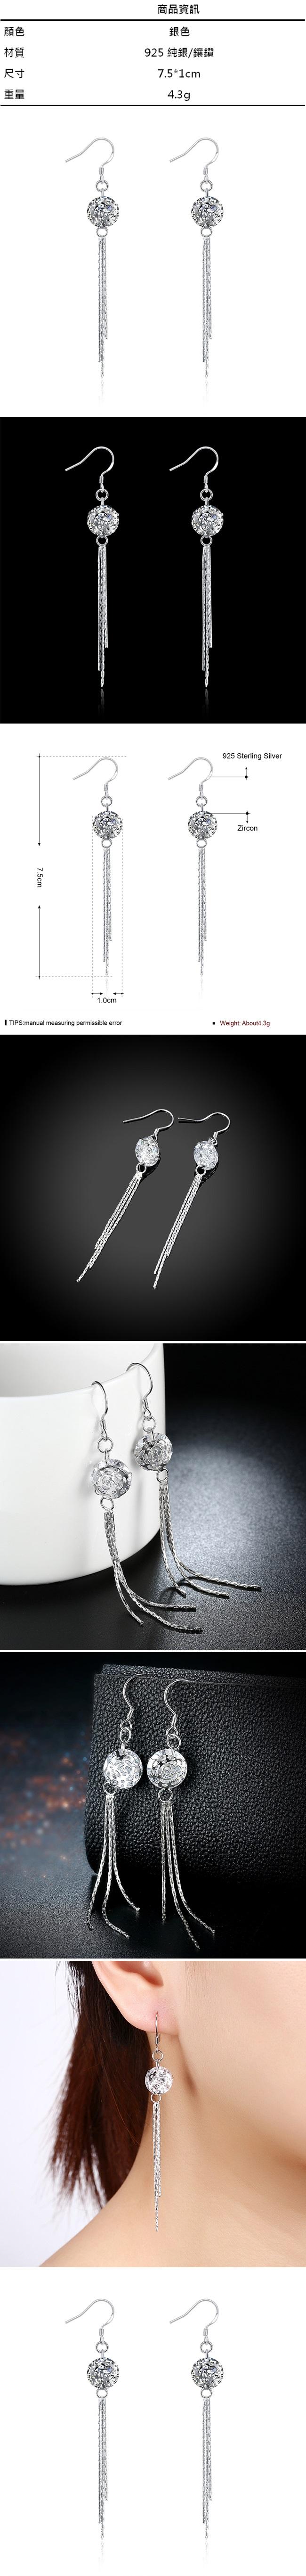 925純銀耳飾-七夕情人節聖誕節母親節生日禮物女飾品